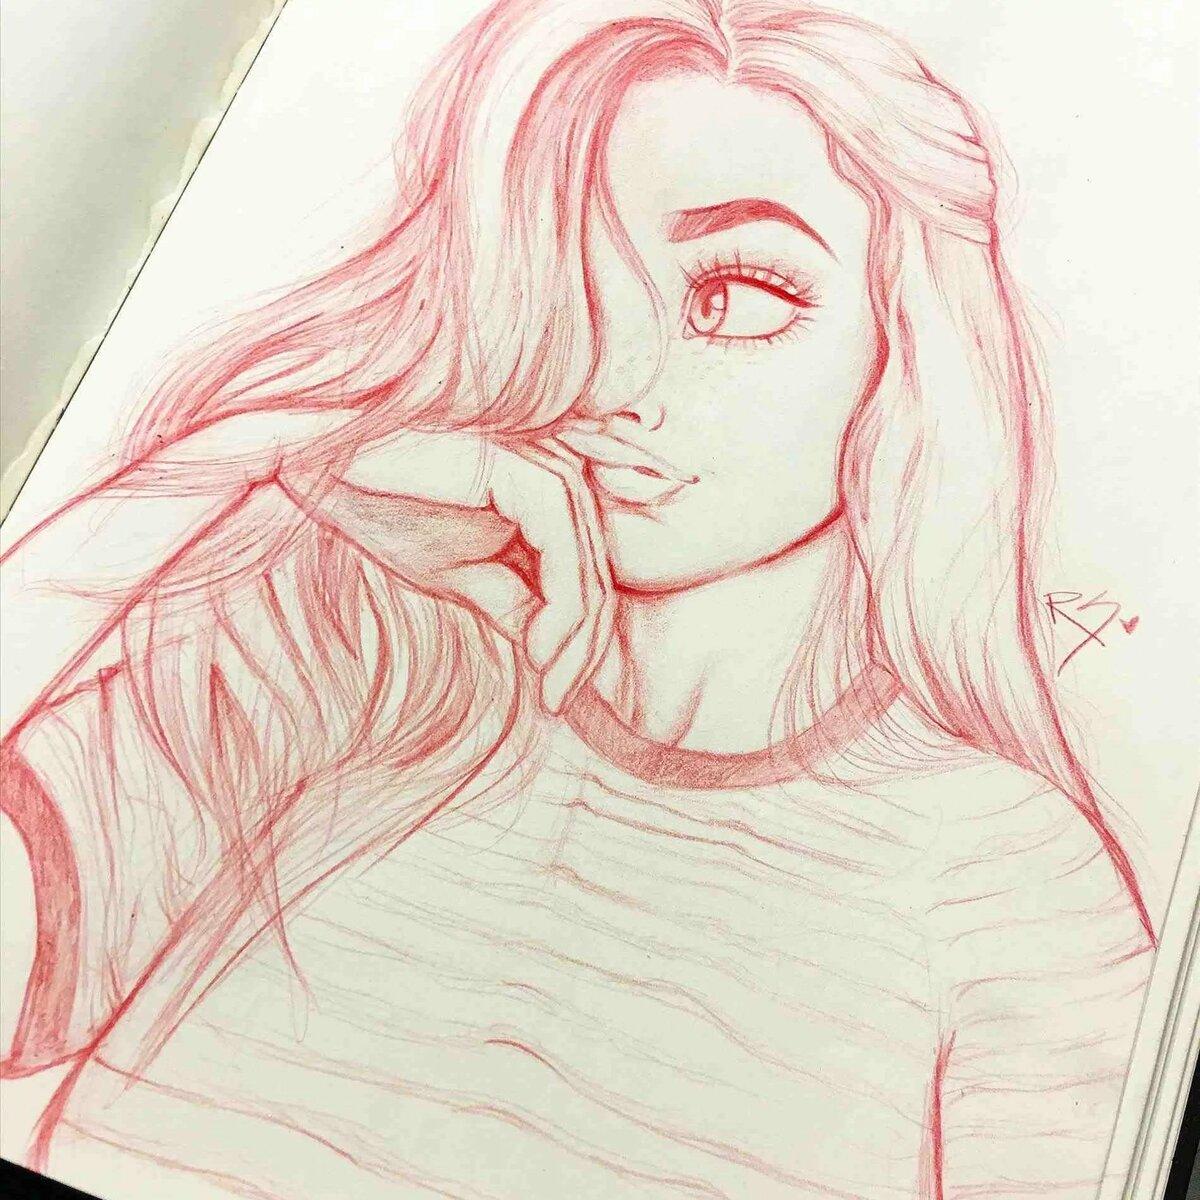 Красивые арт картинки для срисовки, день